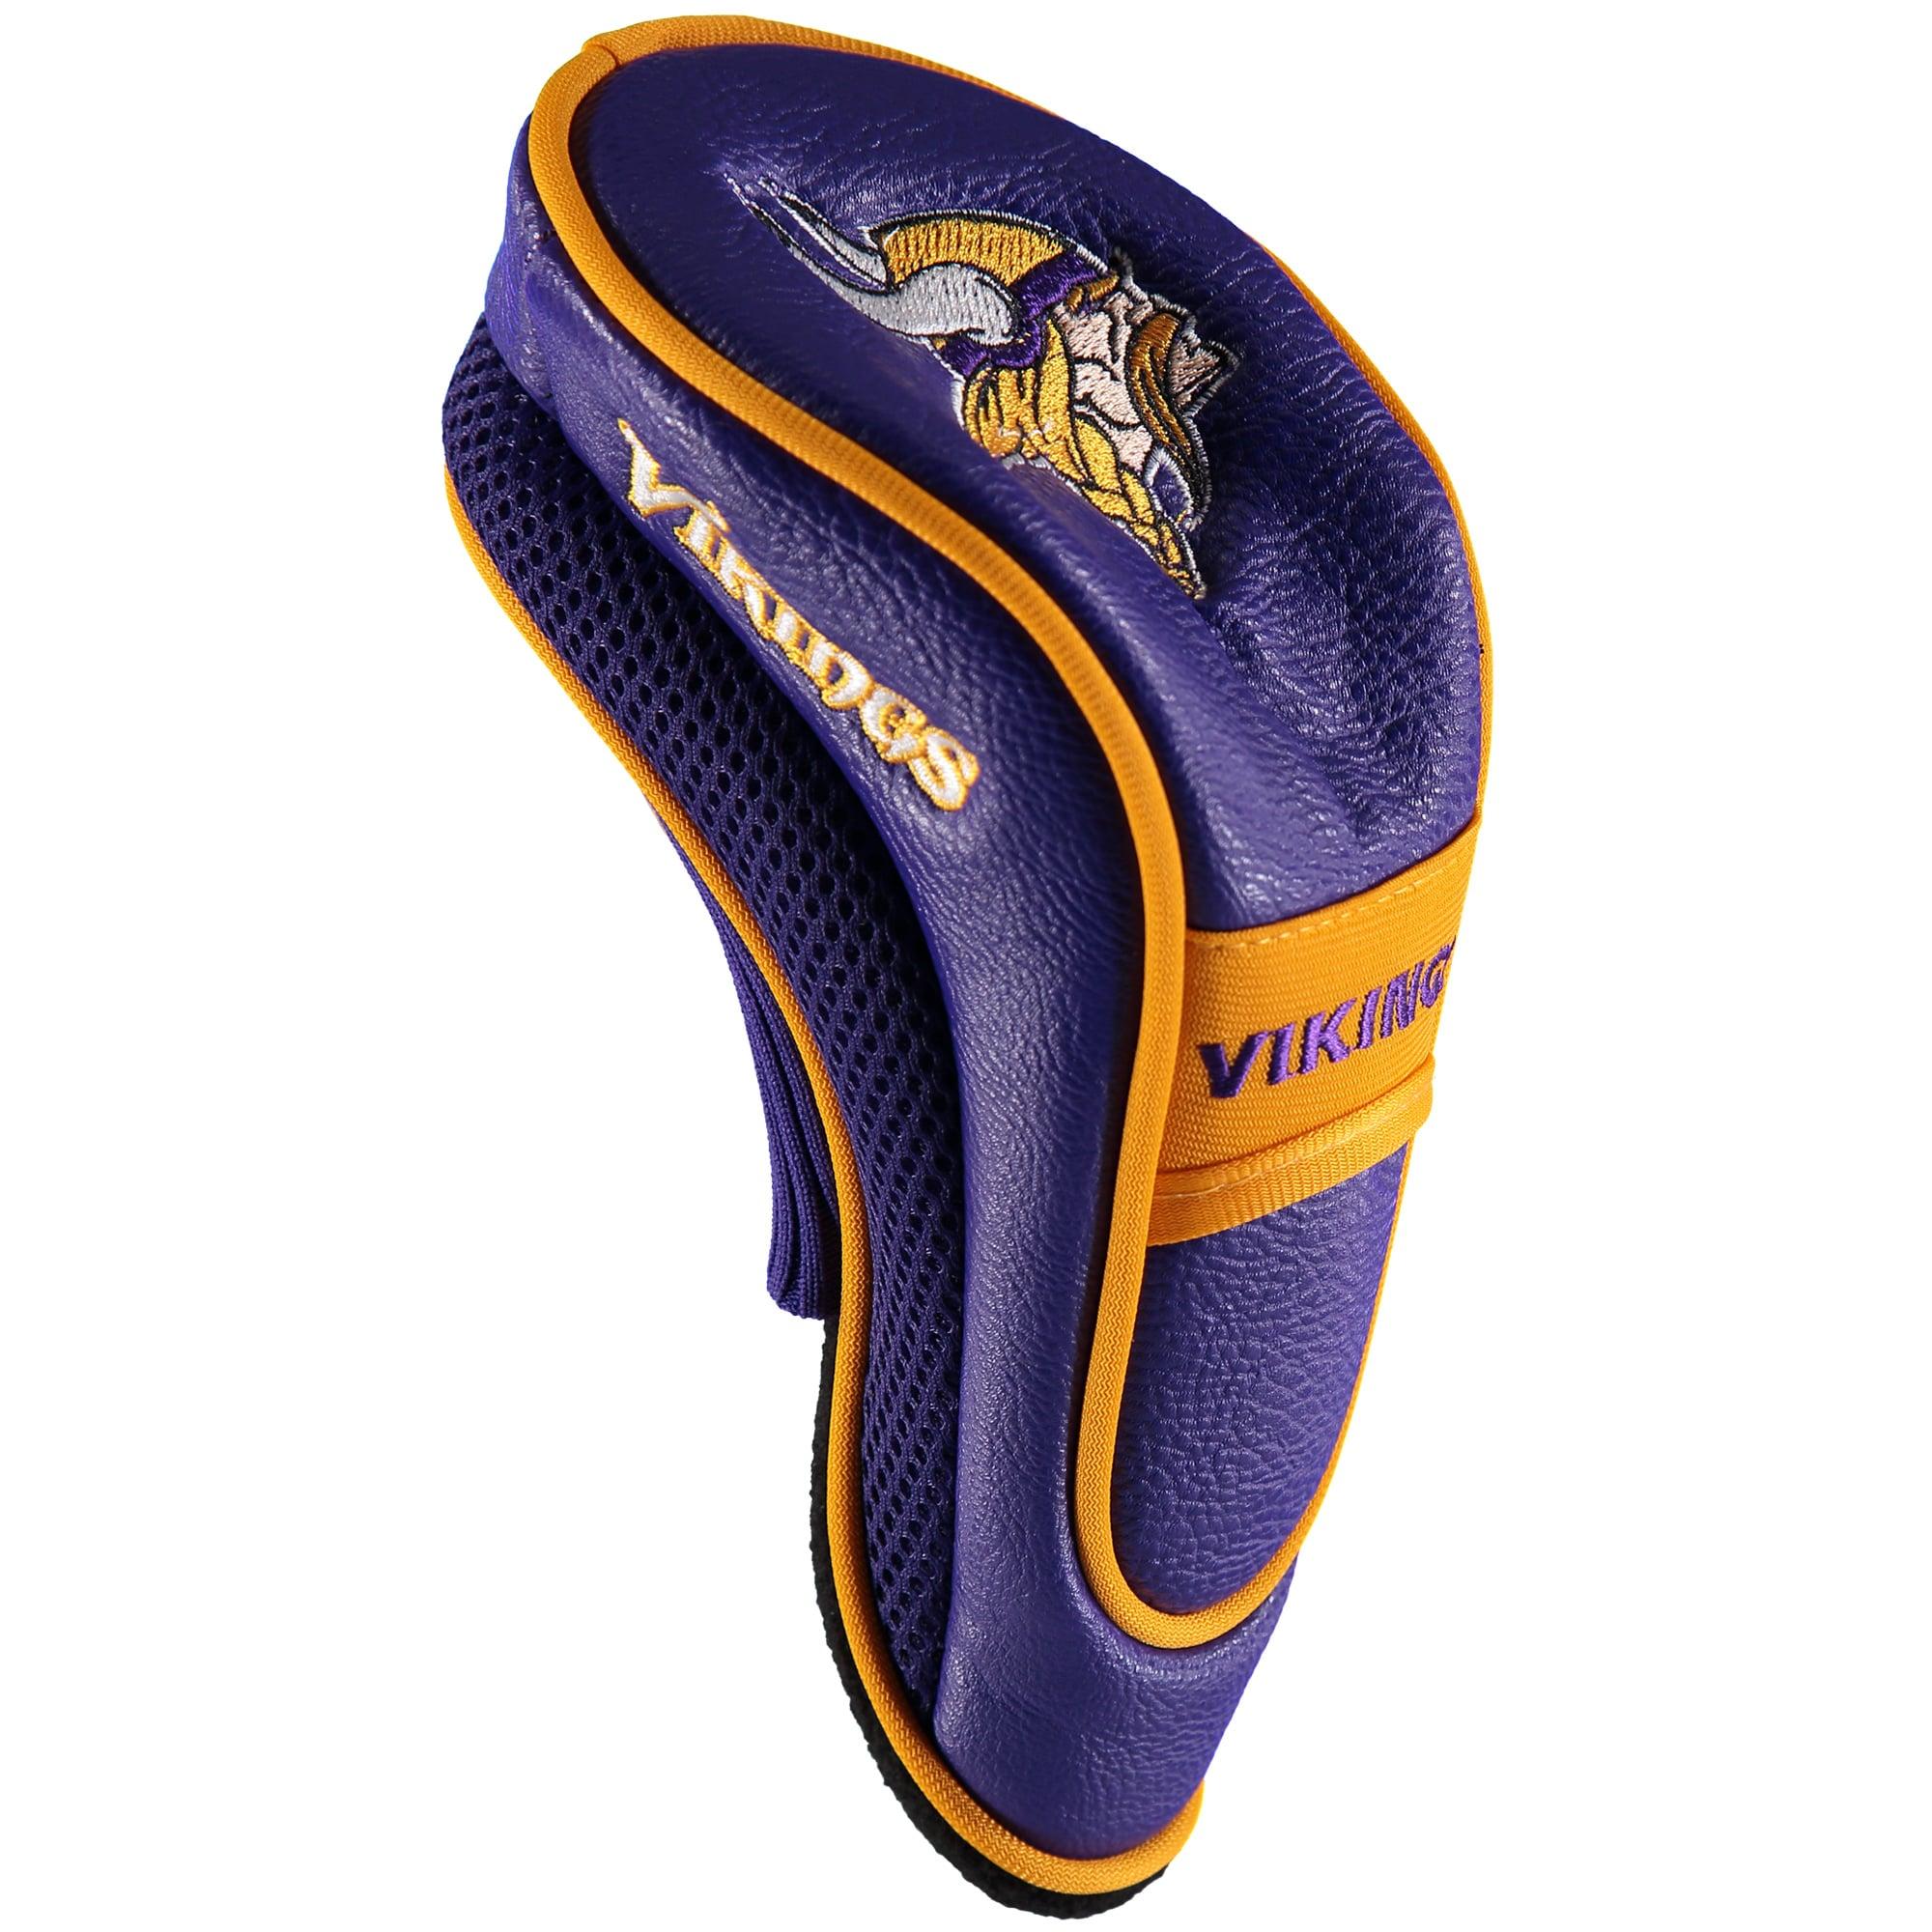 Minnesota Vikings Hybrid Golf Club Head Cover